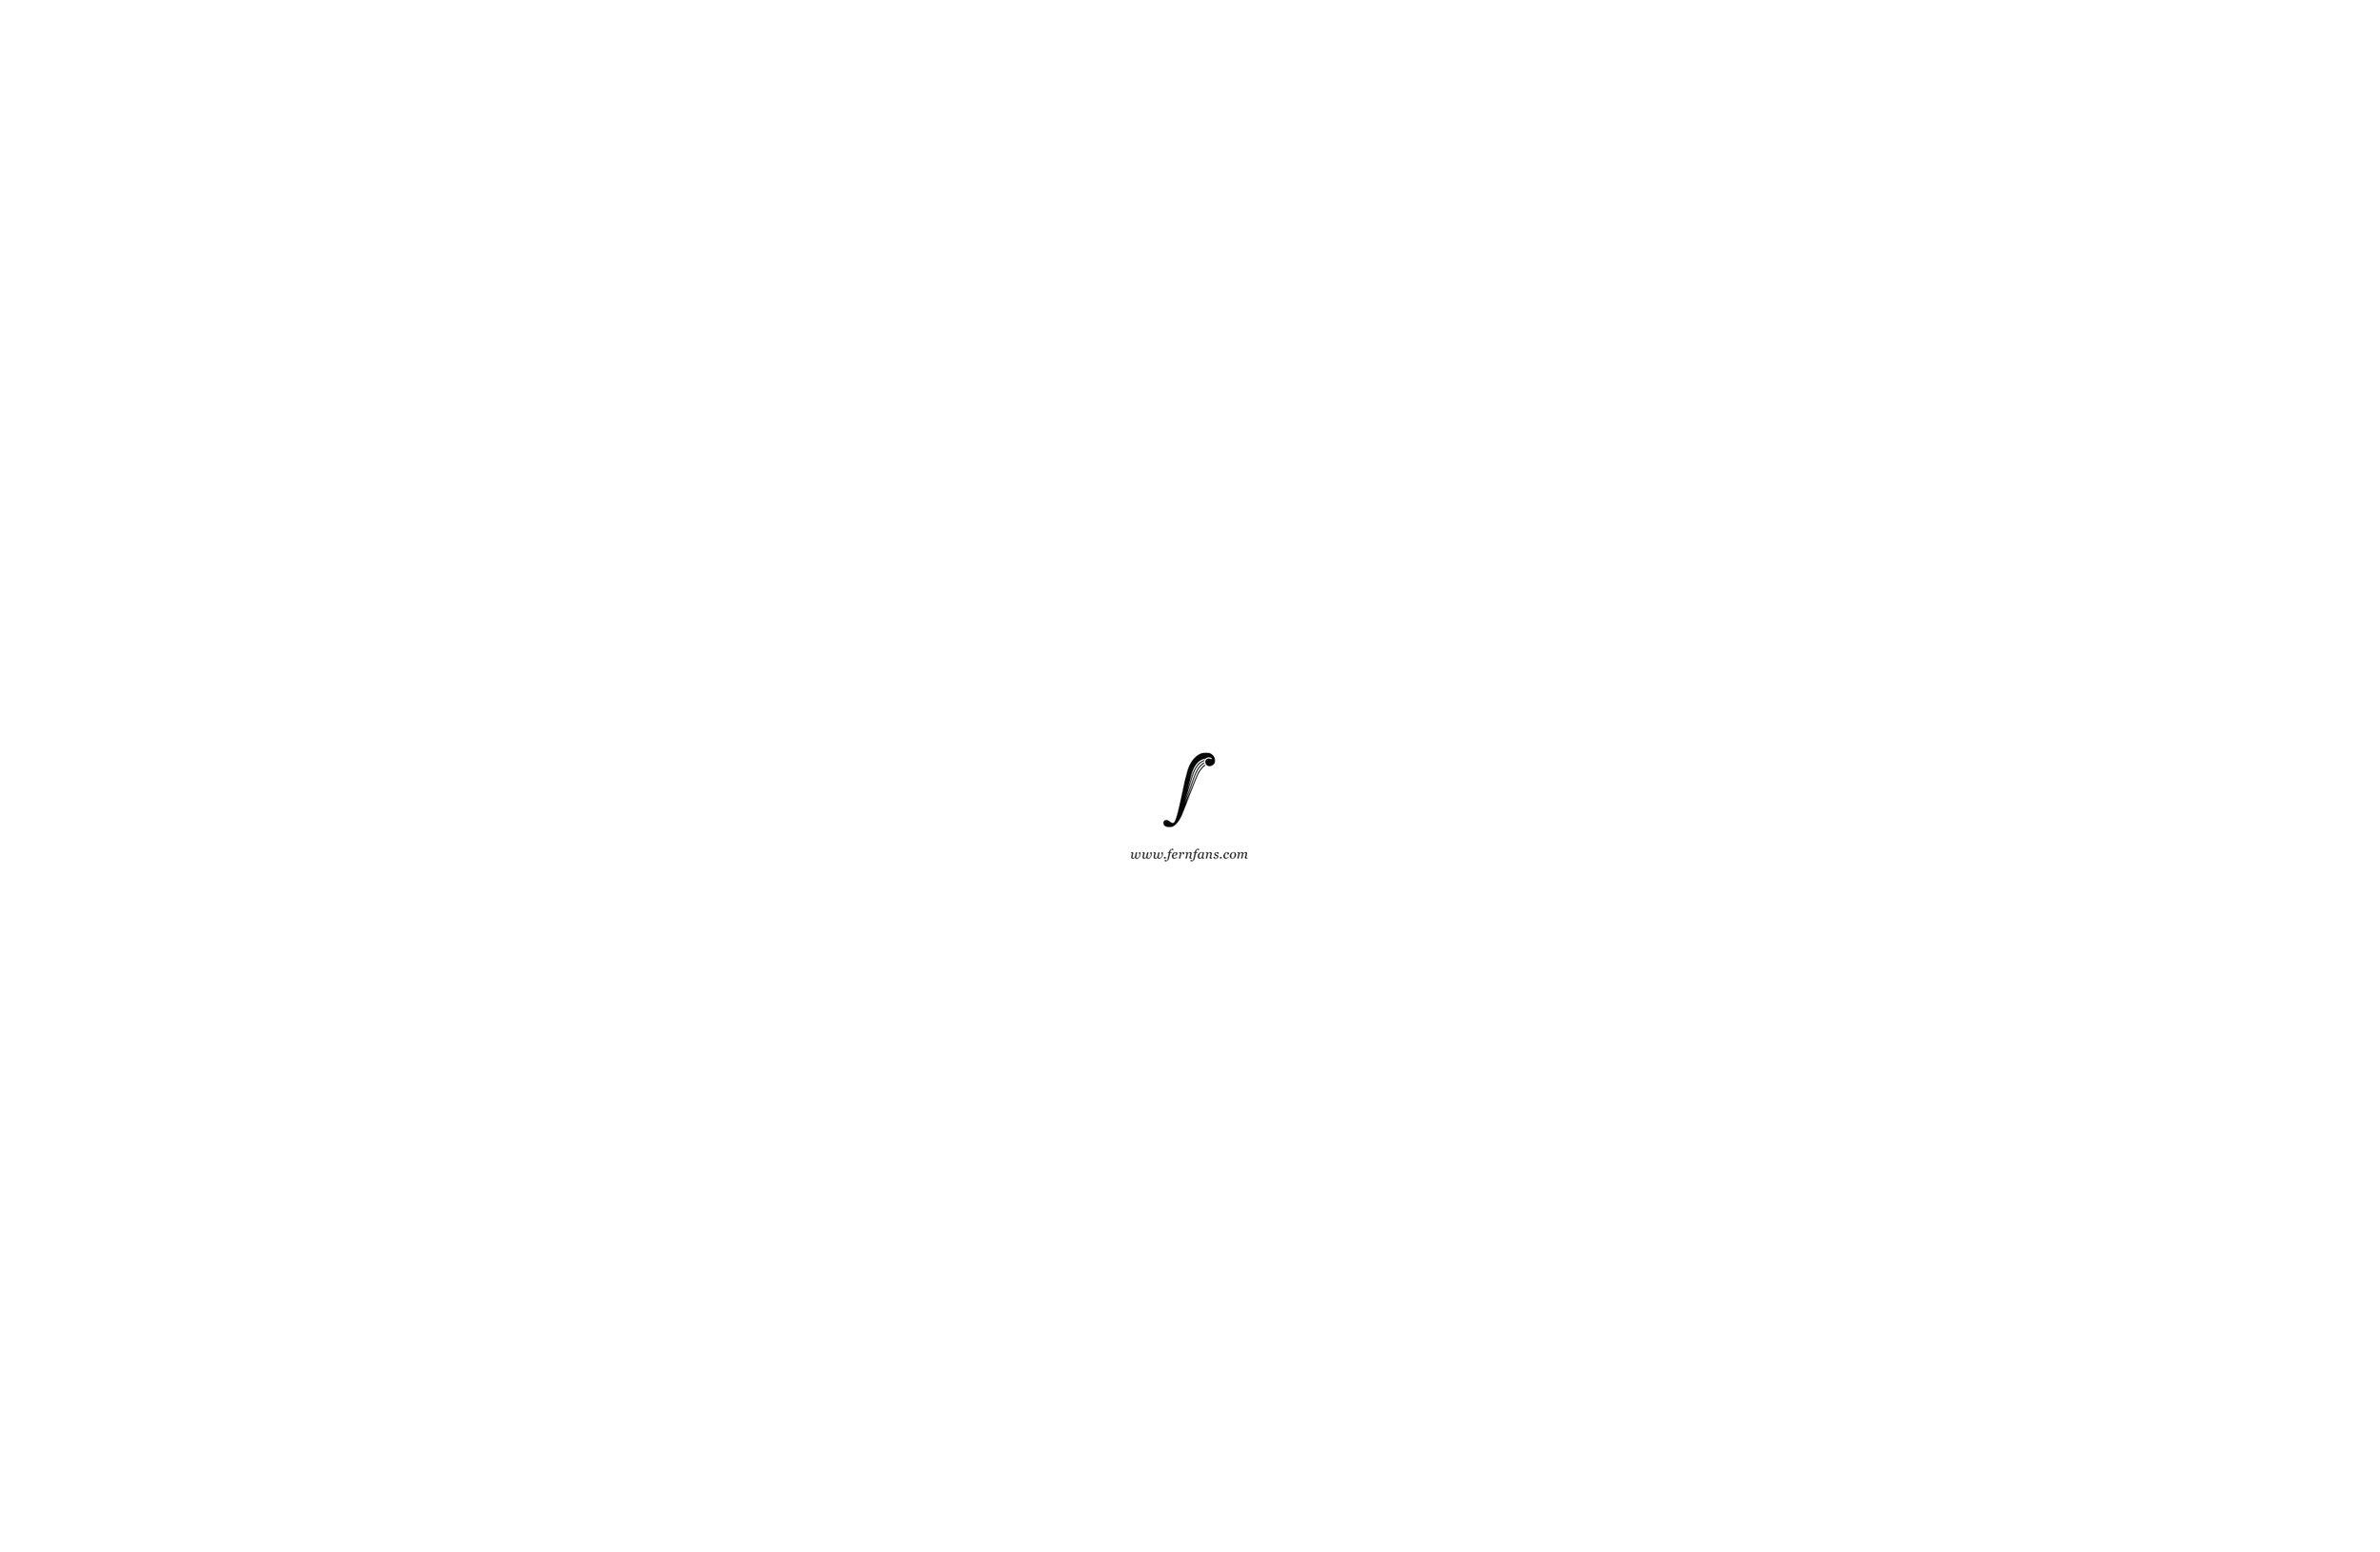 Fern_FINAL.LR.R01.SM-14.jpg